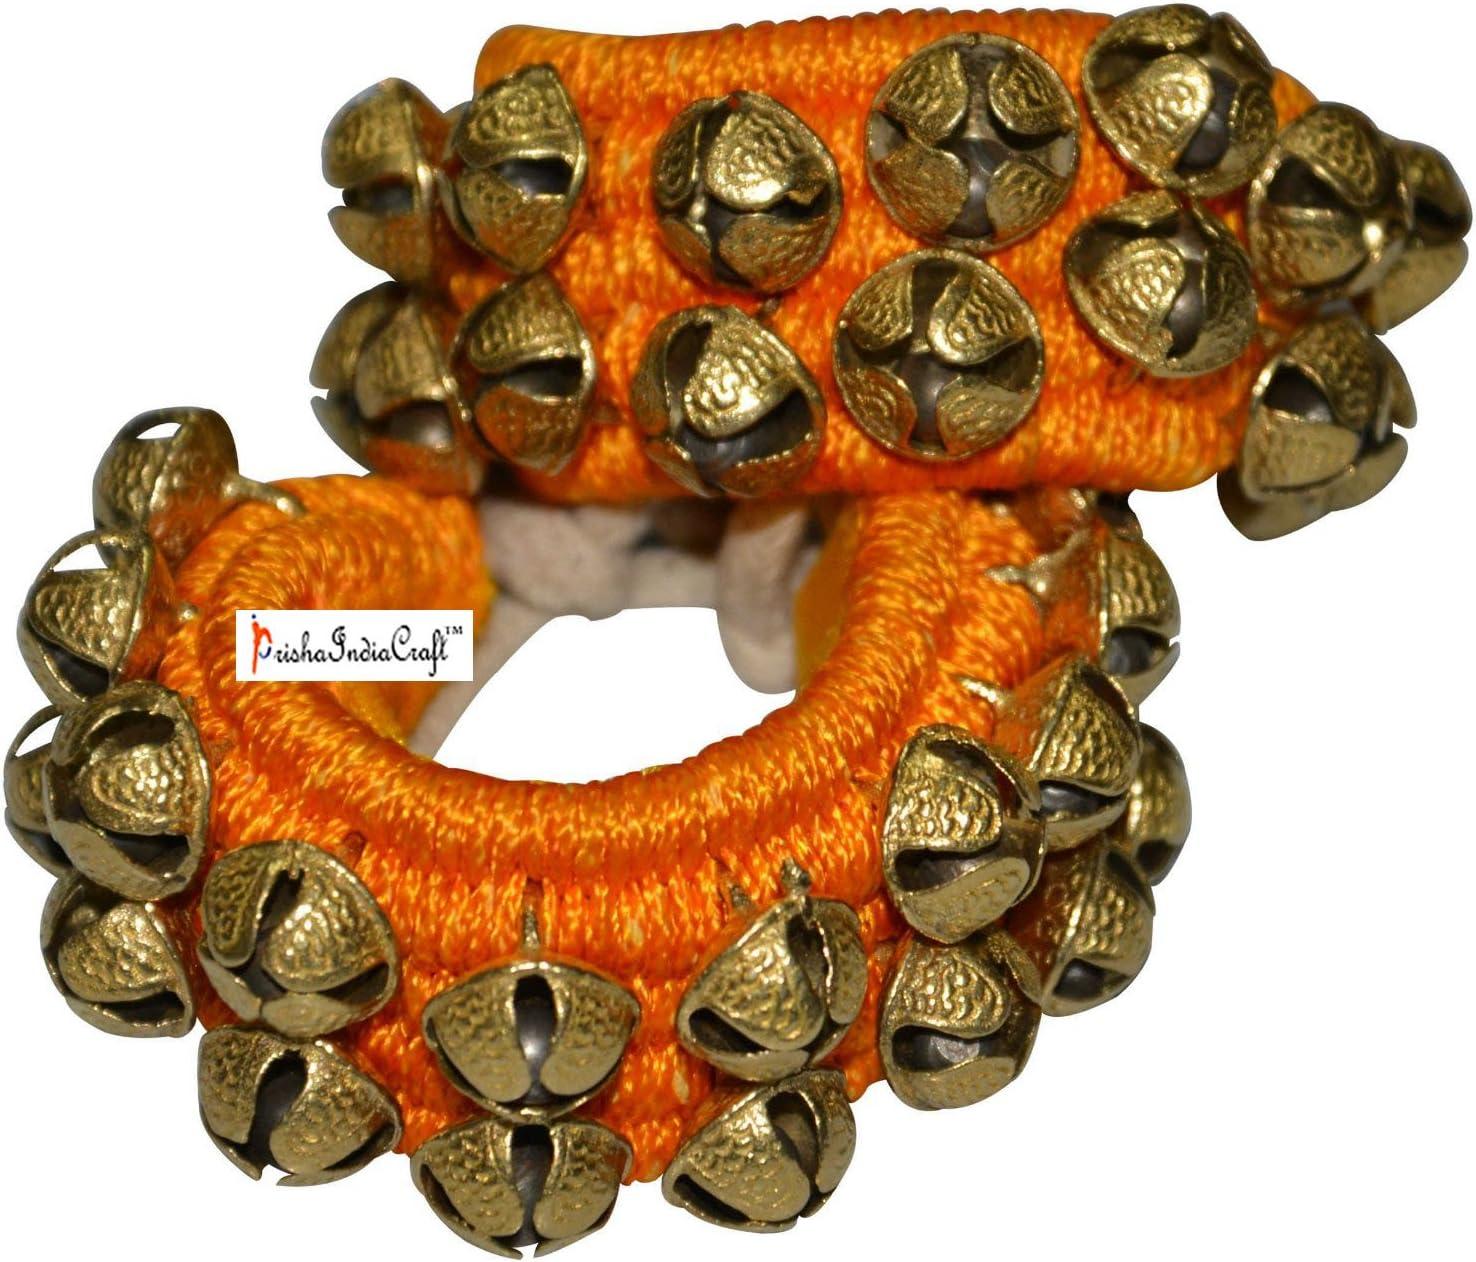 Prisha India Craft Kathak Max 48% OFF Ghungroo No. 16 2 Two Max 49% OFF Lin